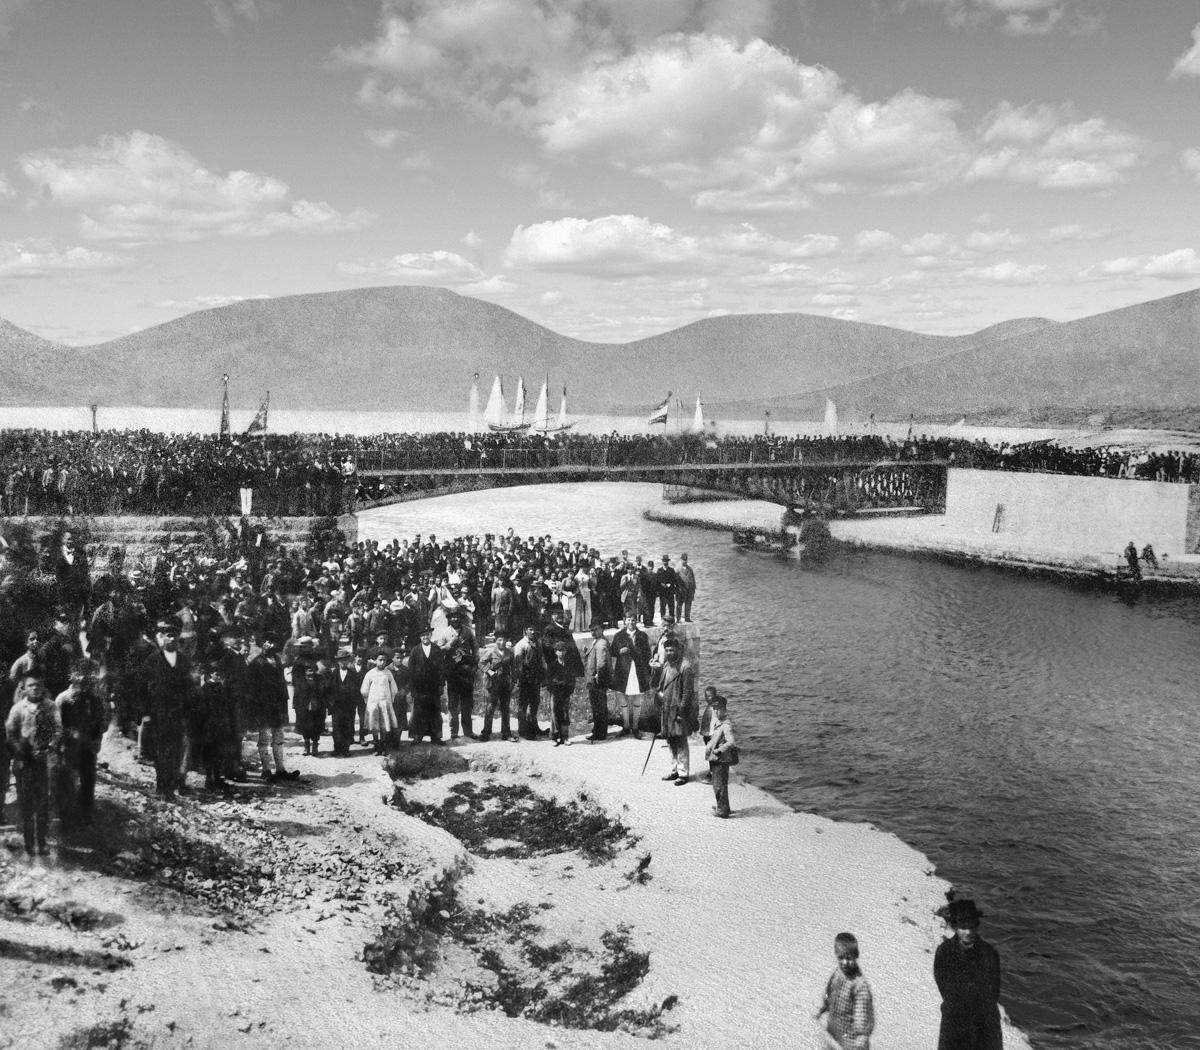 H ιστορία της «Ιταλικής» γέφυρας 1